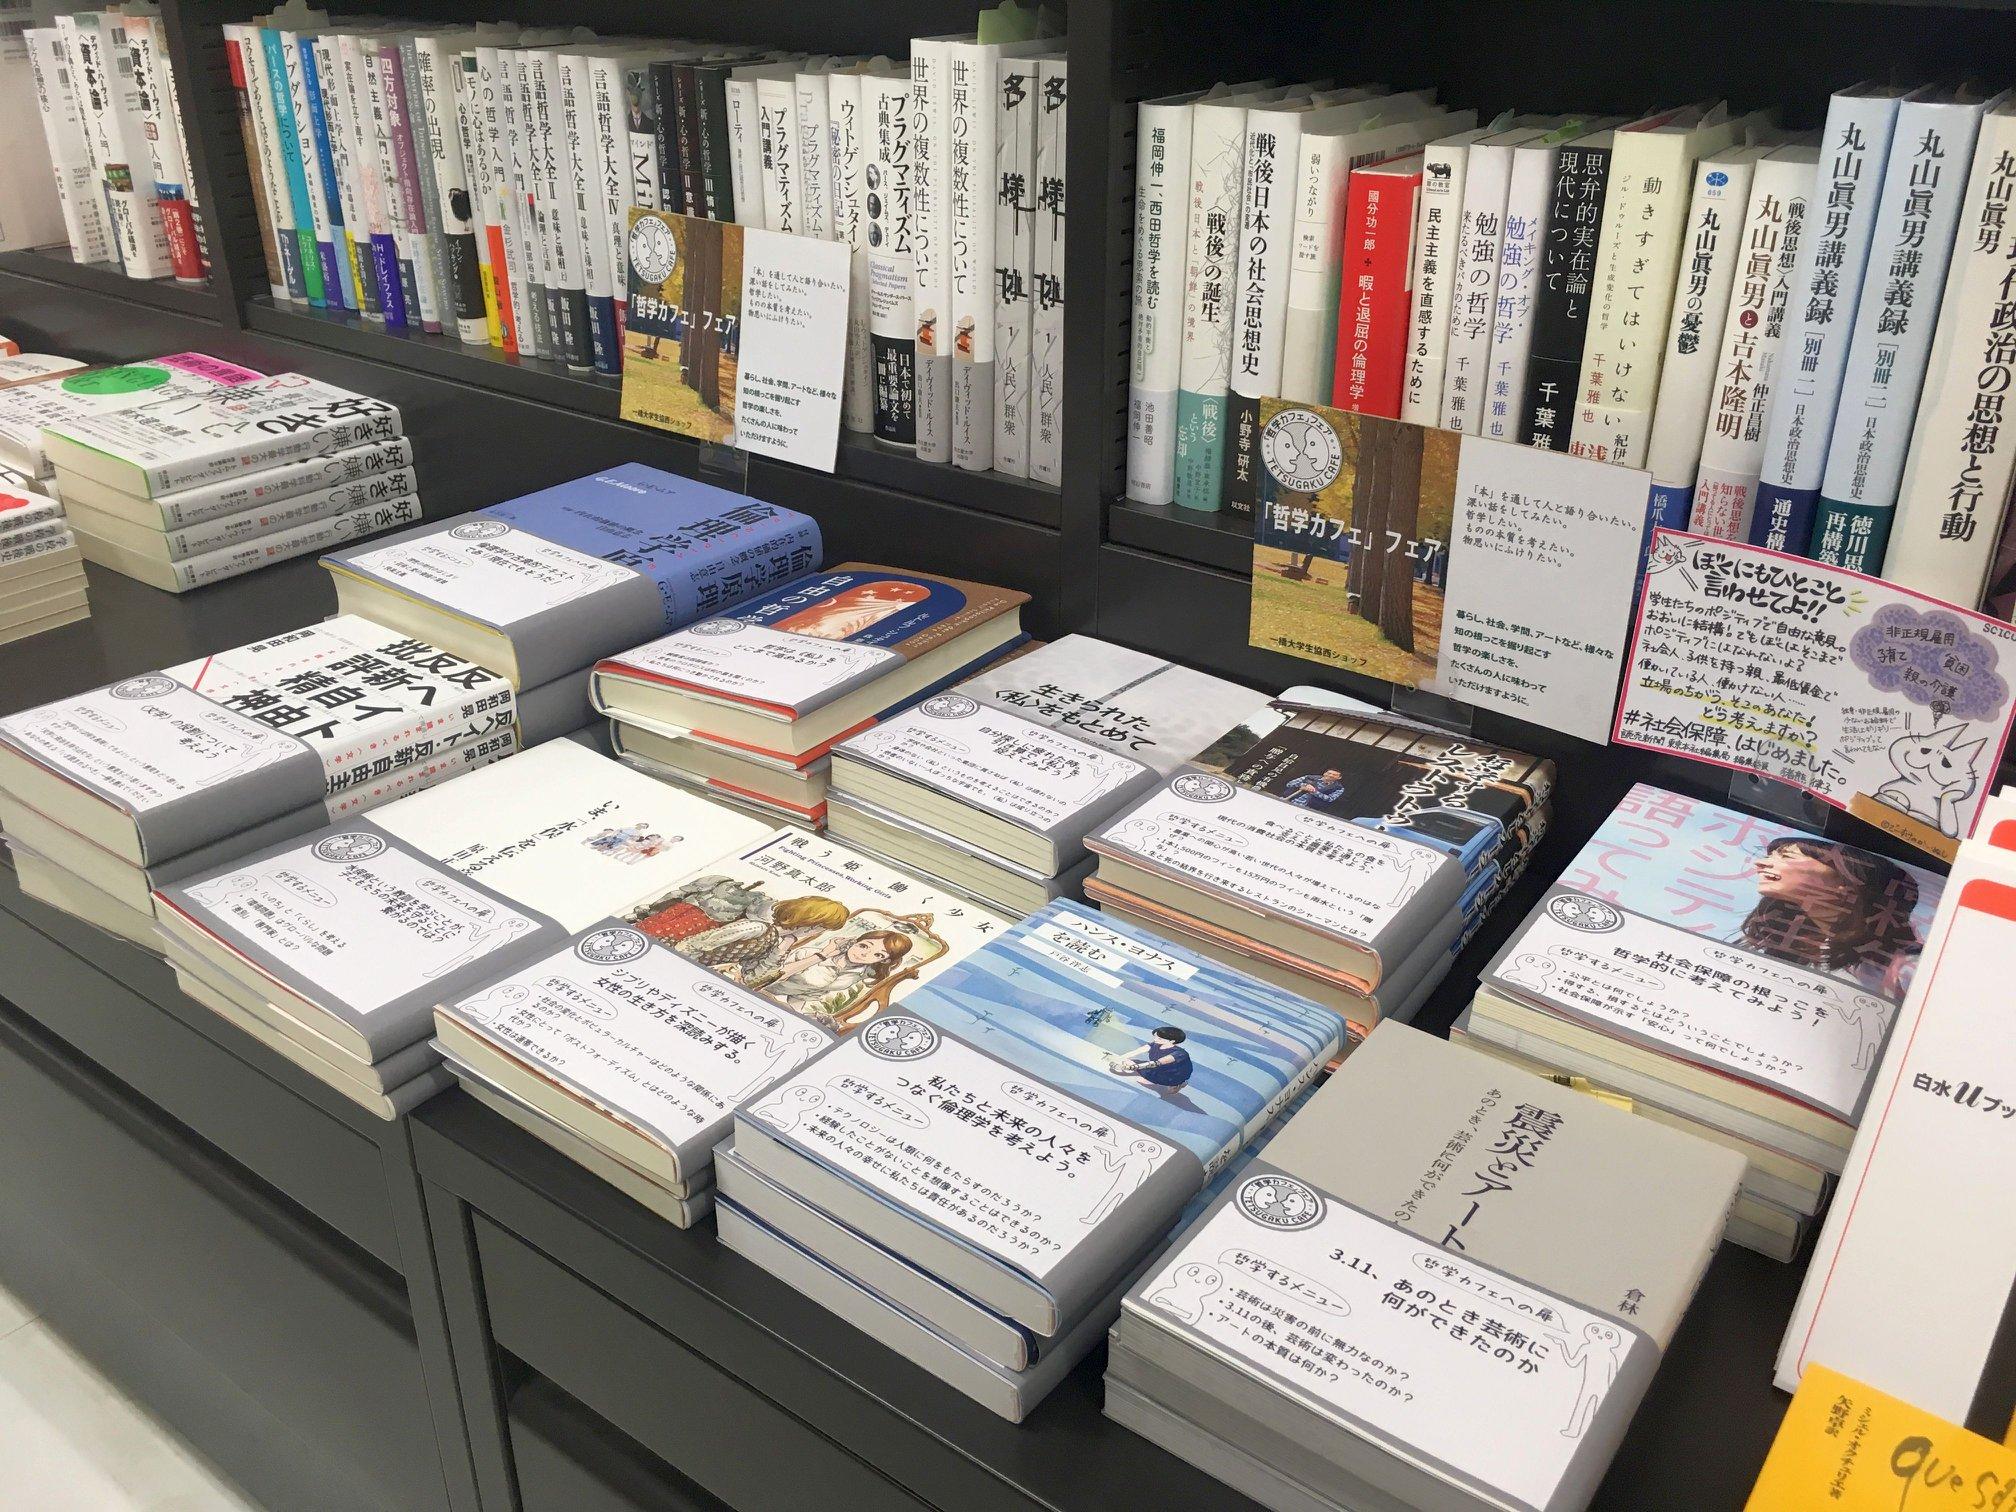 ブックフェア『哲学カフェのテーマと出会える26の本』